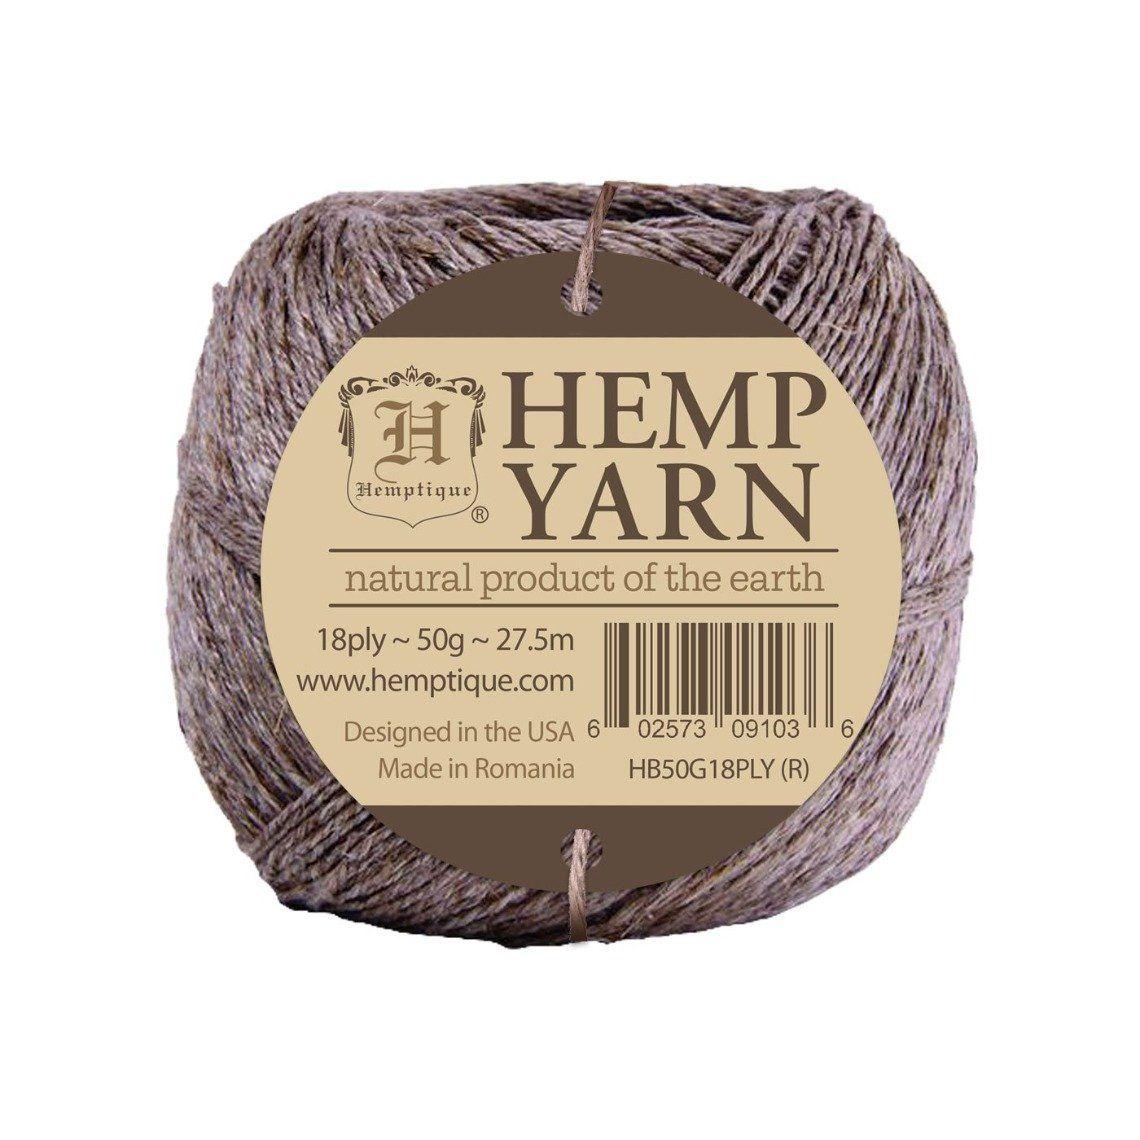 Hemp Yarn Unwaxed - Non Polished - 18ply